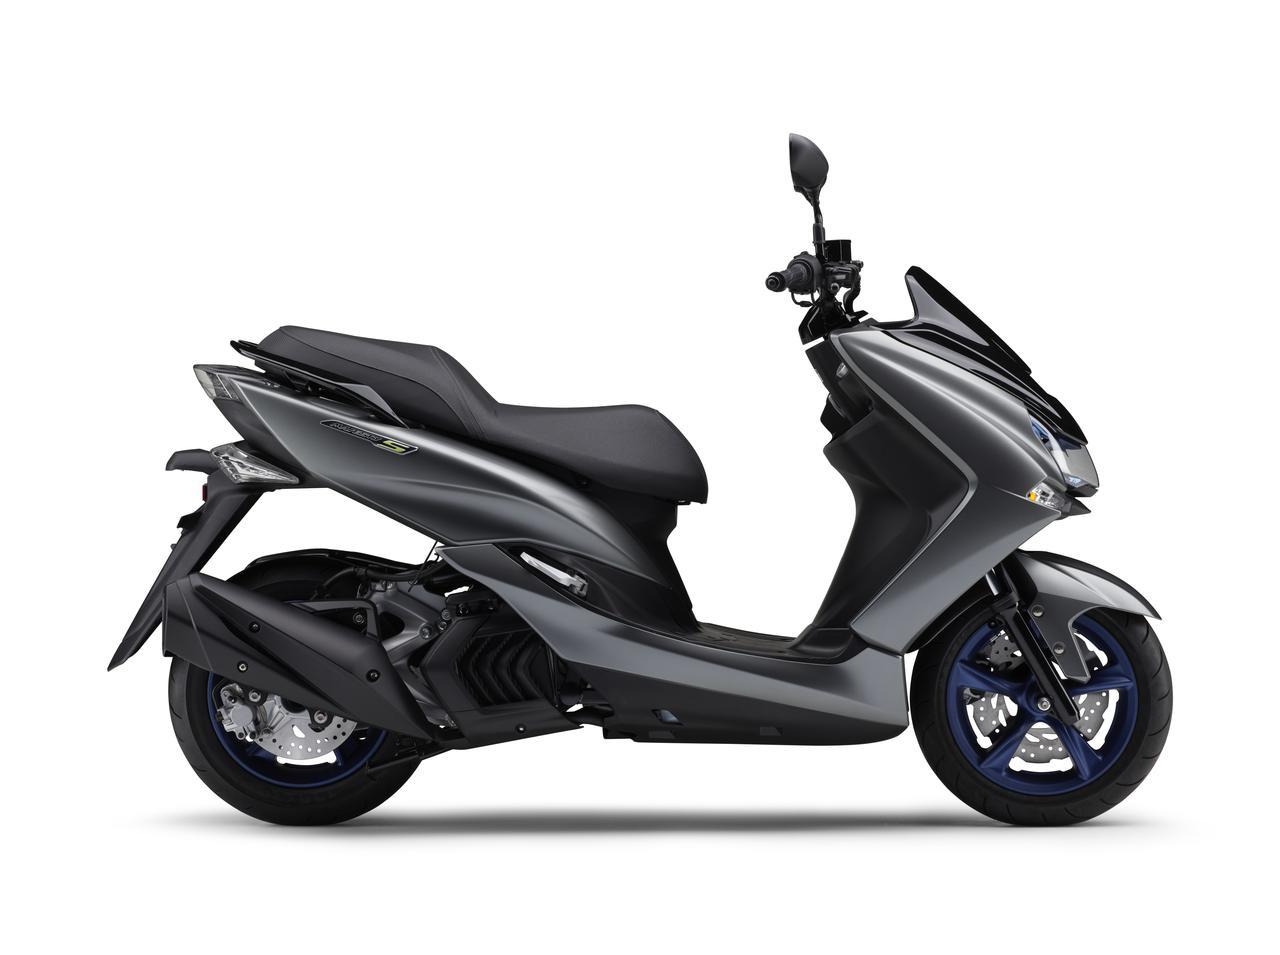 画像2: ヤマハ「マジェスティS」【1分で読める 2021年に新車で購入可能な150ccバイク紹介】